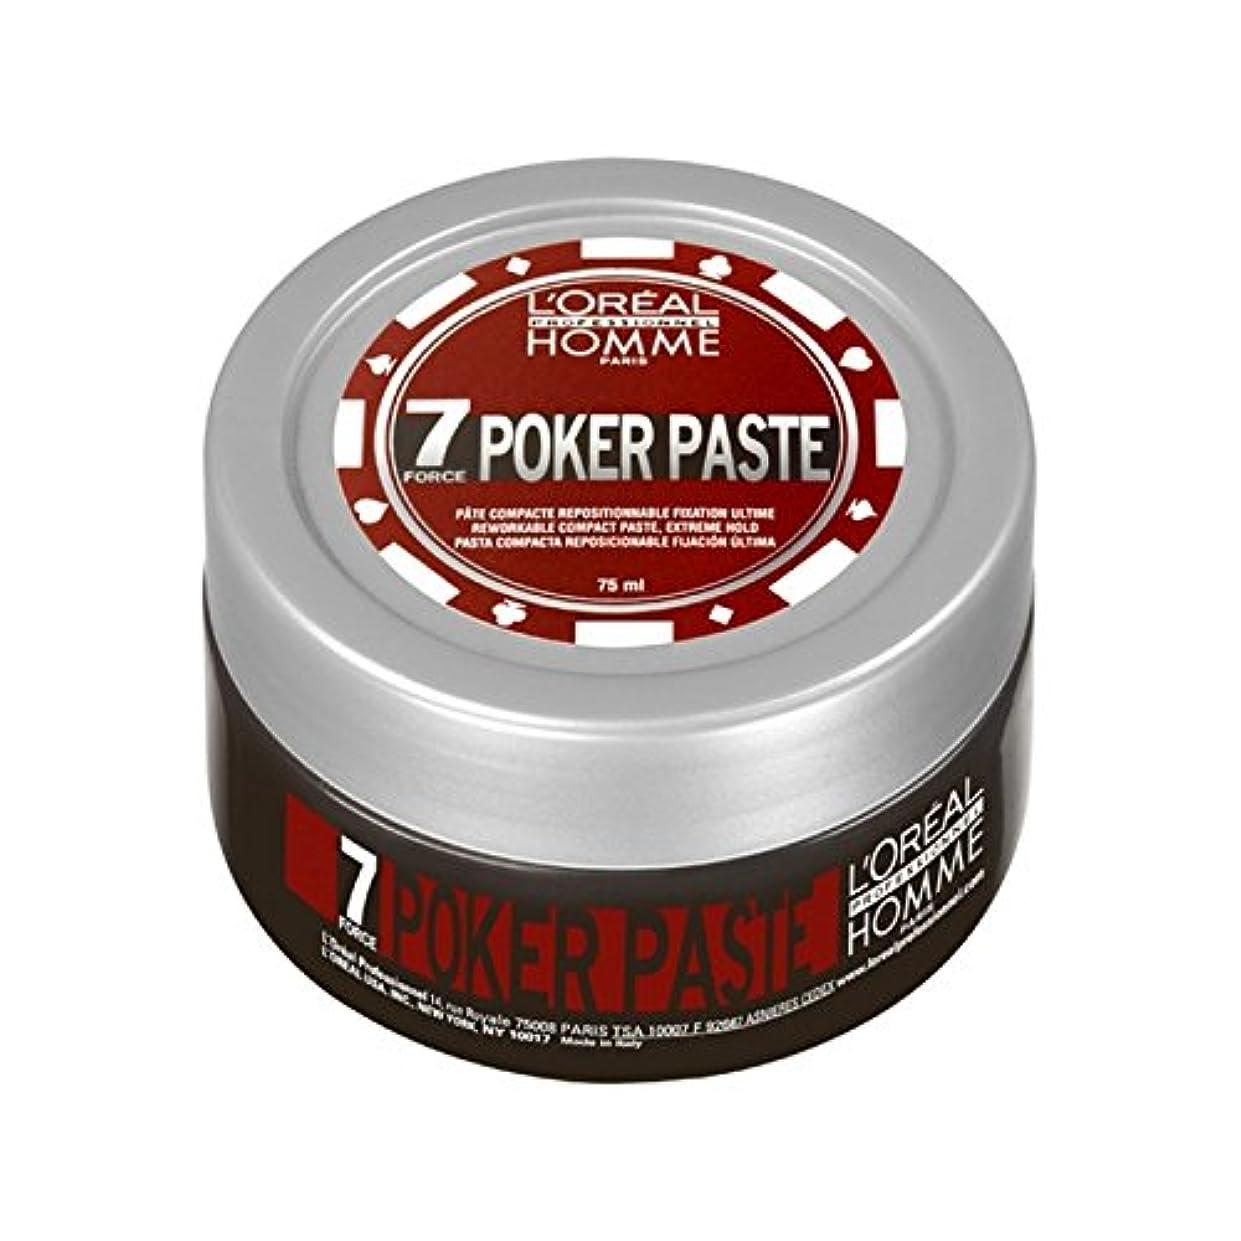 バーガー永続航空機L'Oreal Professional Homme Poker Paste (75ml) (Pack of 6) - ロレアルプロオムポーカーペースト(75ミリリットル) x6 [並行輸入品]